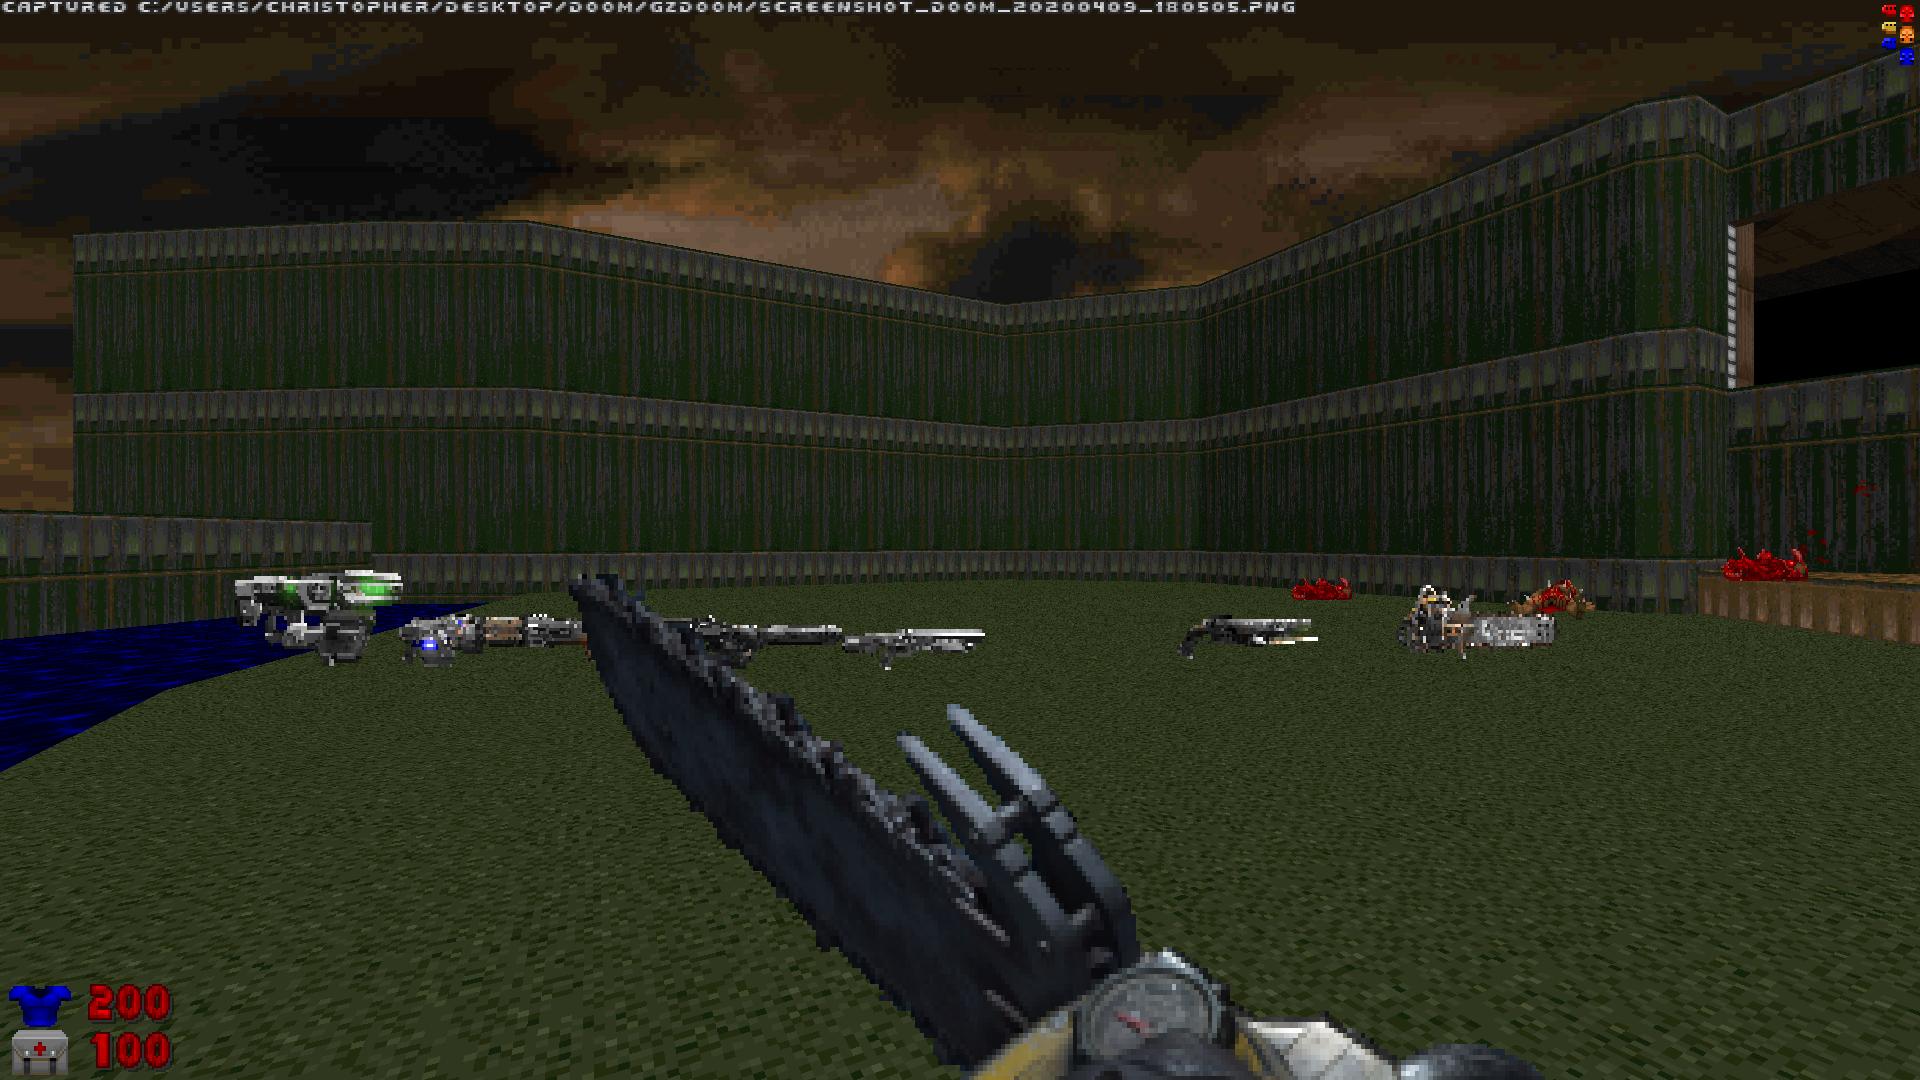 Screenshot_Doom_20200409_180507.png.5617c8bc29662e49ea22d2a8267abf62.png